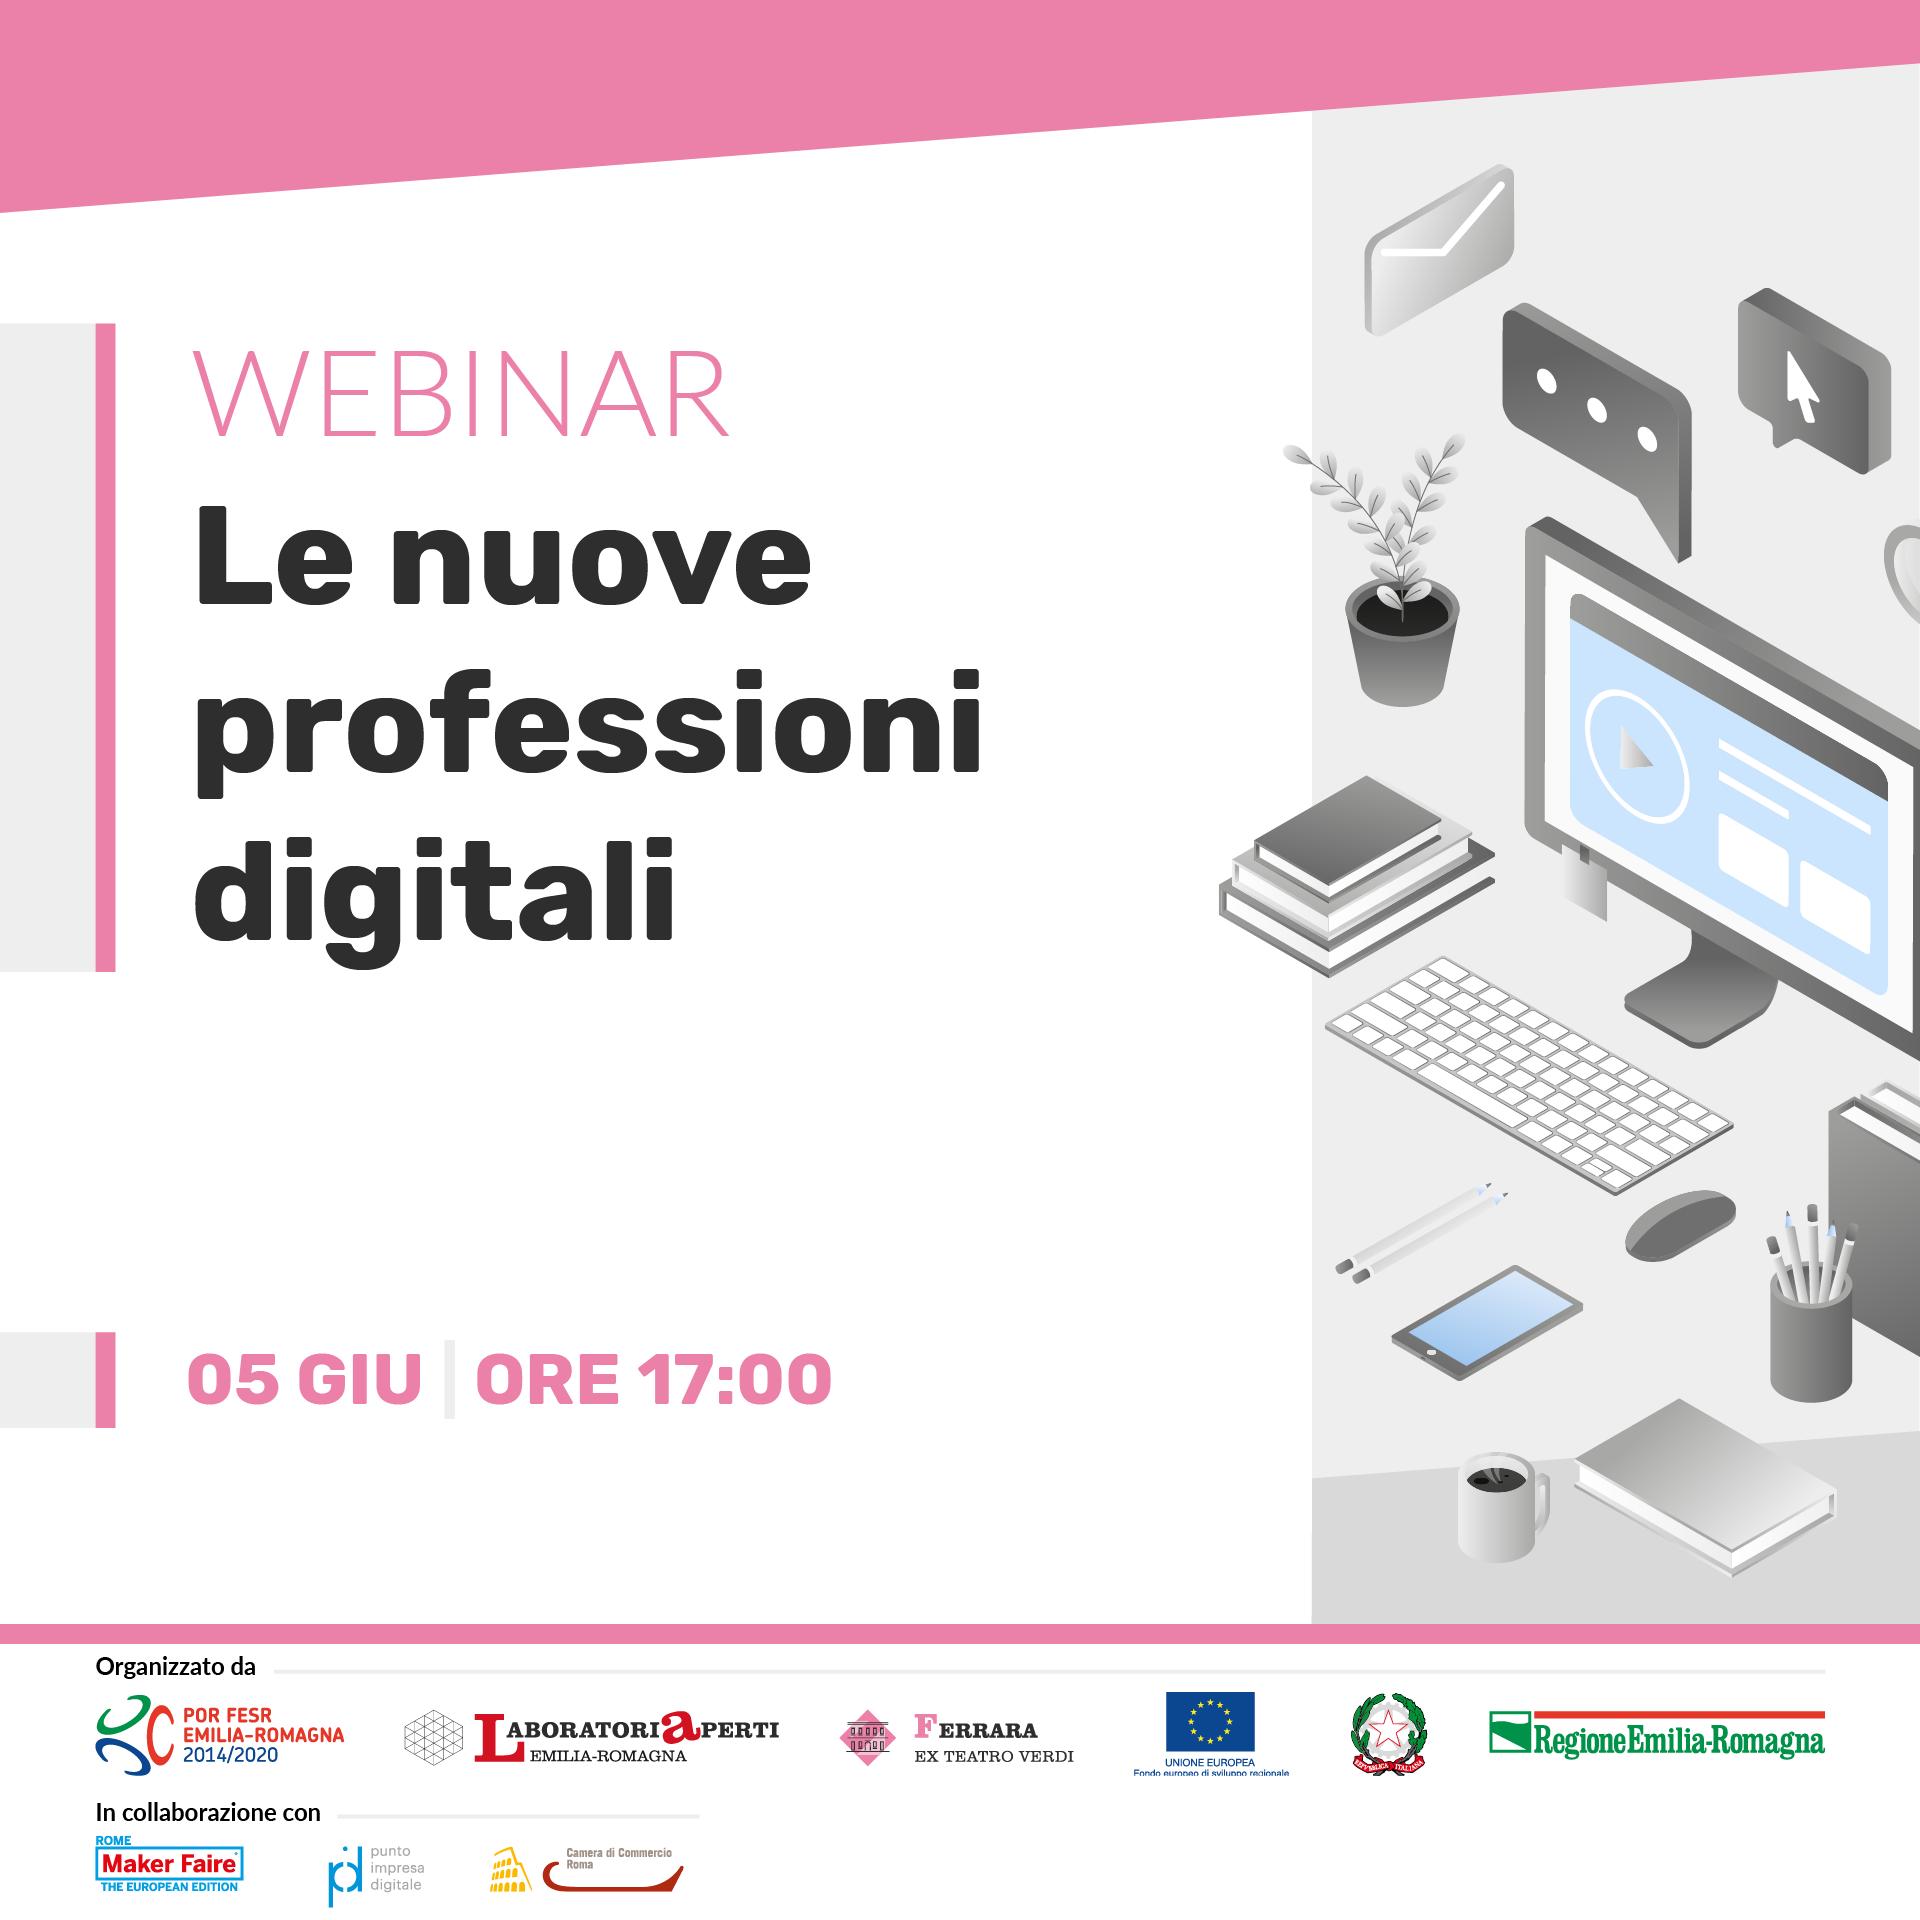 WEBINAR: Digitale, mercato e lavoro: le nuove professioni digitali  | 5 giugno H 17:00